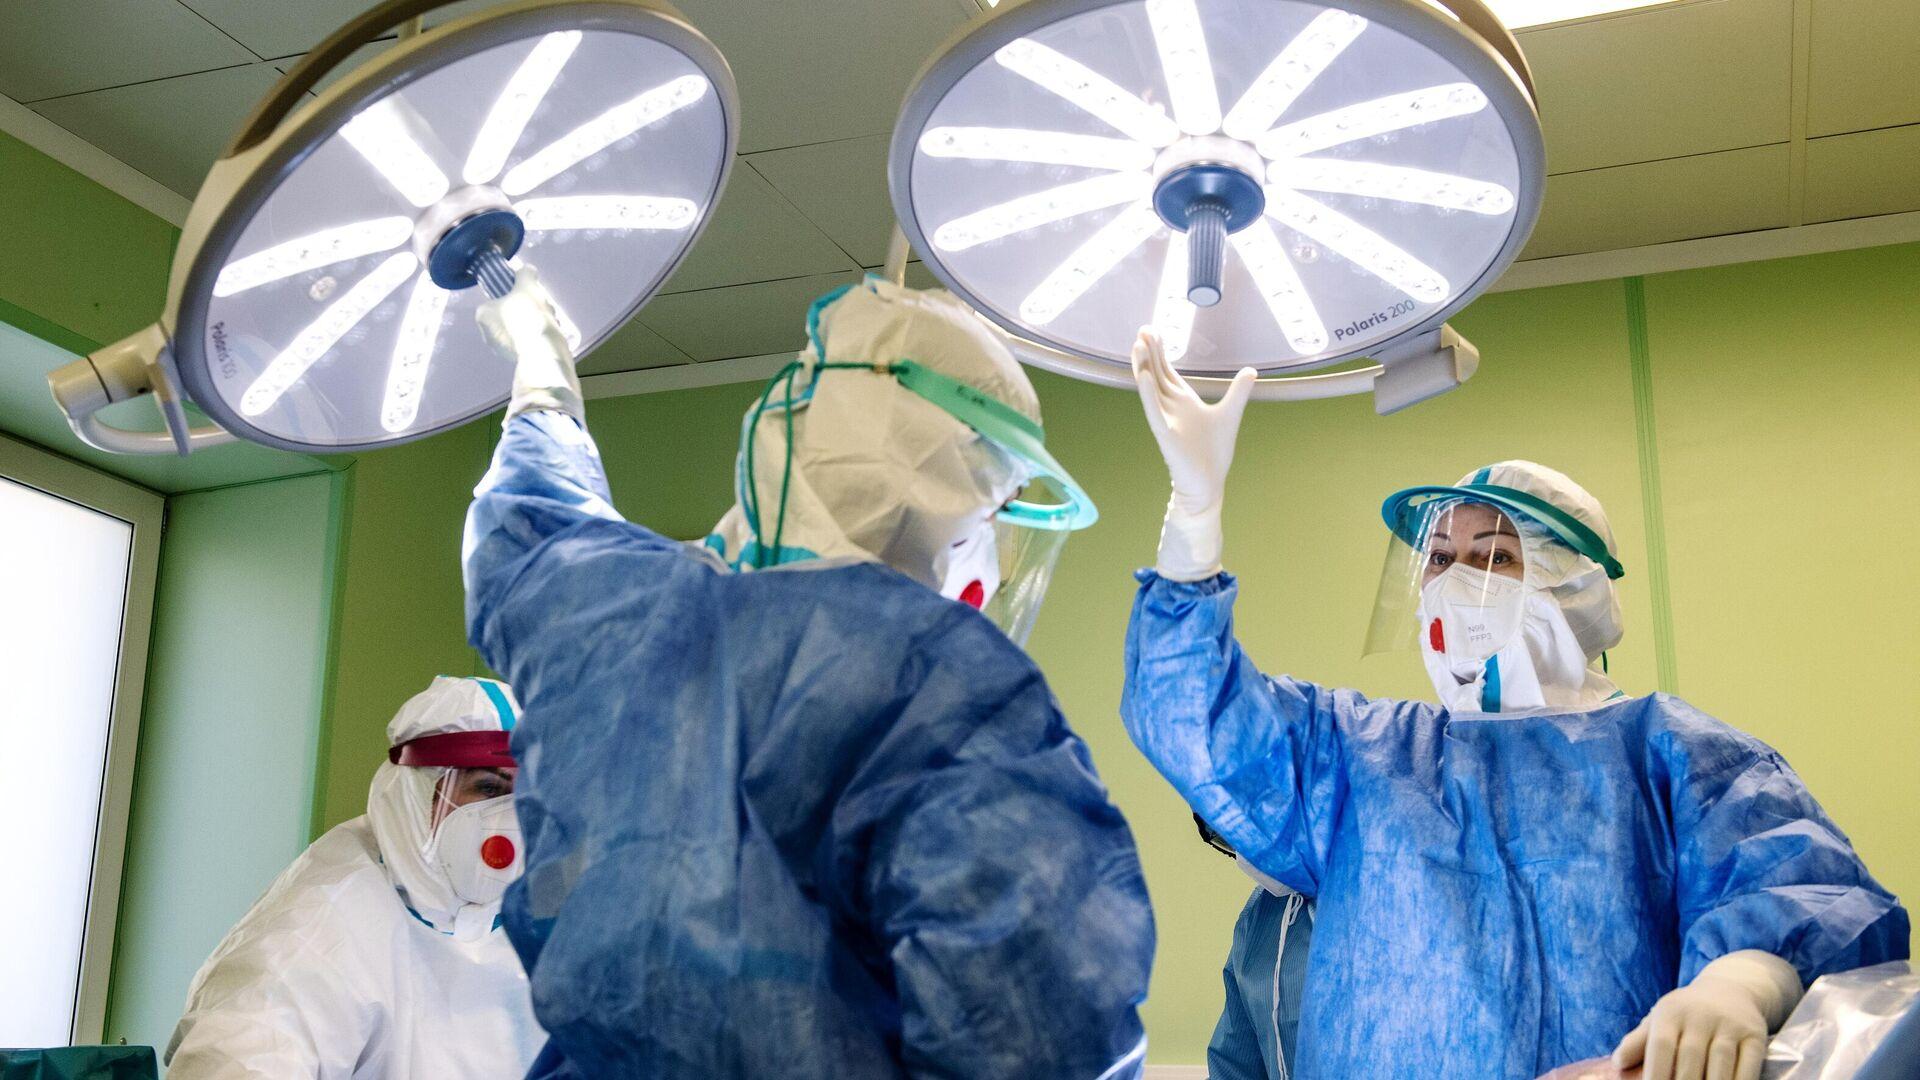 Медицинские работники проводят операцию кесарево сечение в родильном доме при инфекционной клинической больнице №2 в Москве - РИА Новости, 1920, 27.04.2021